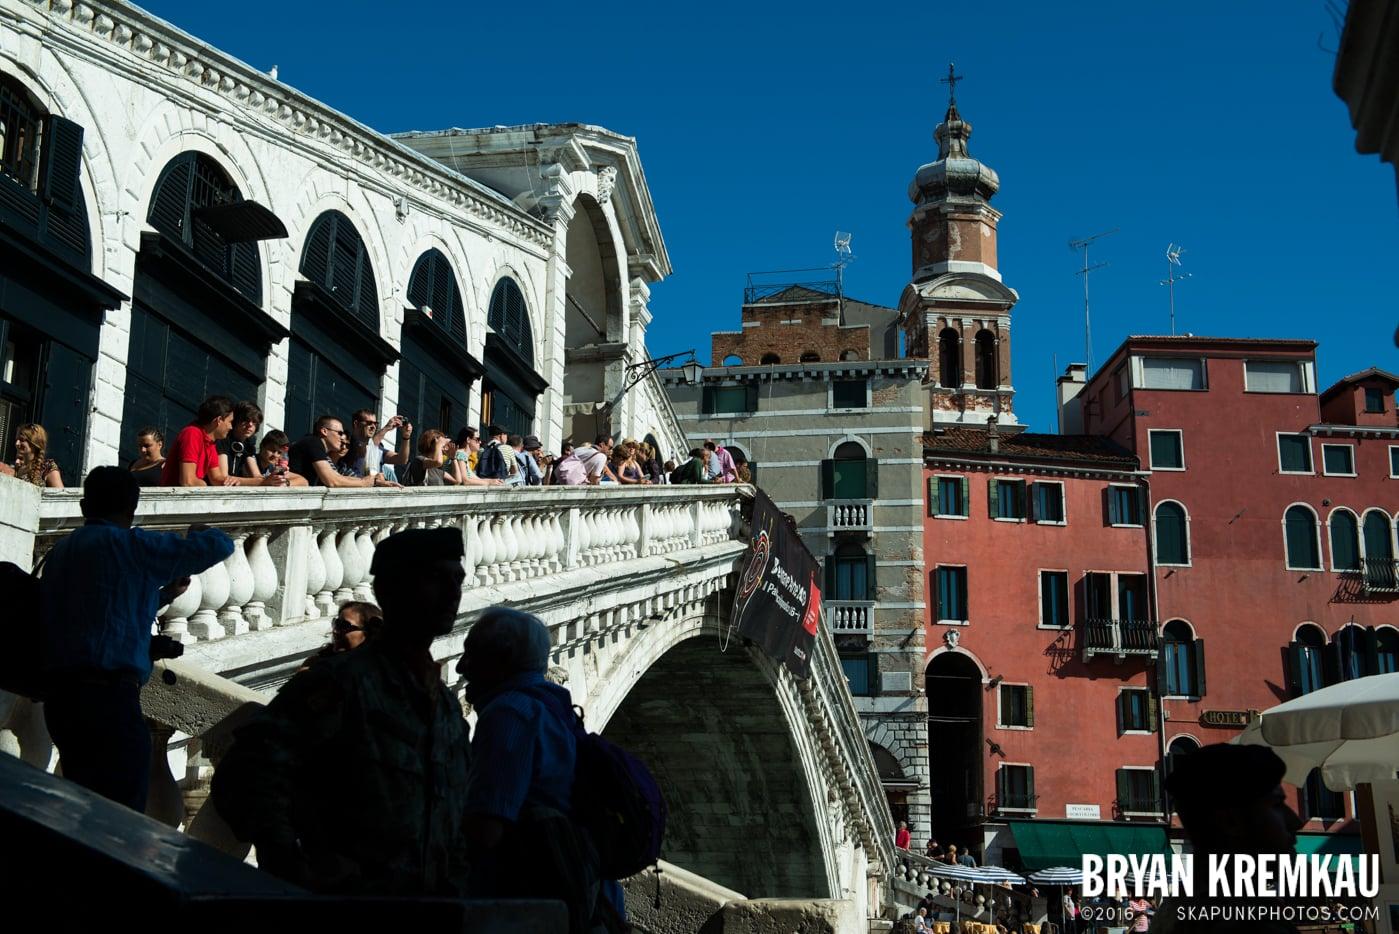 Italy Vacation - Day 4: Venice - 9.12.13 (50)